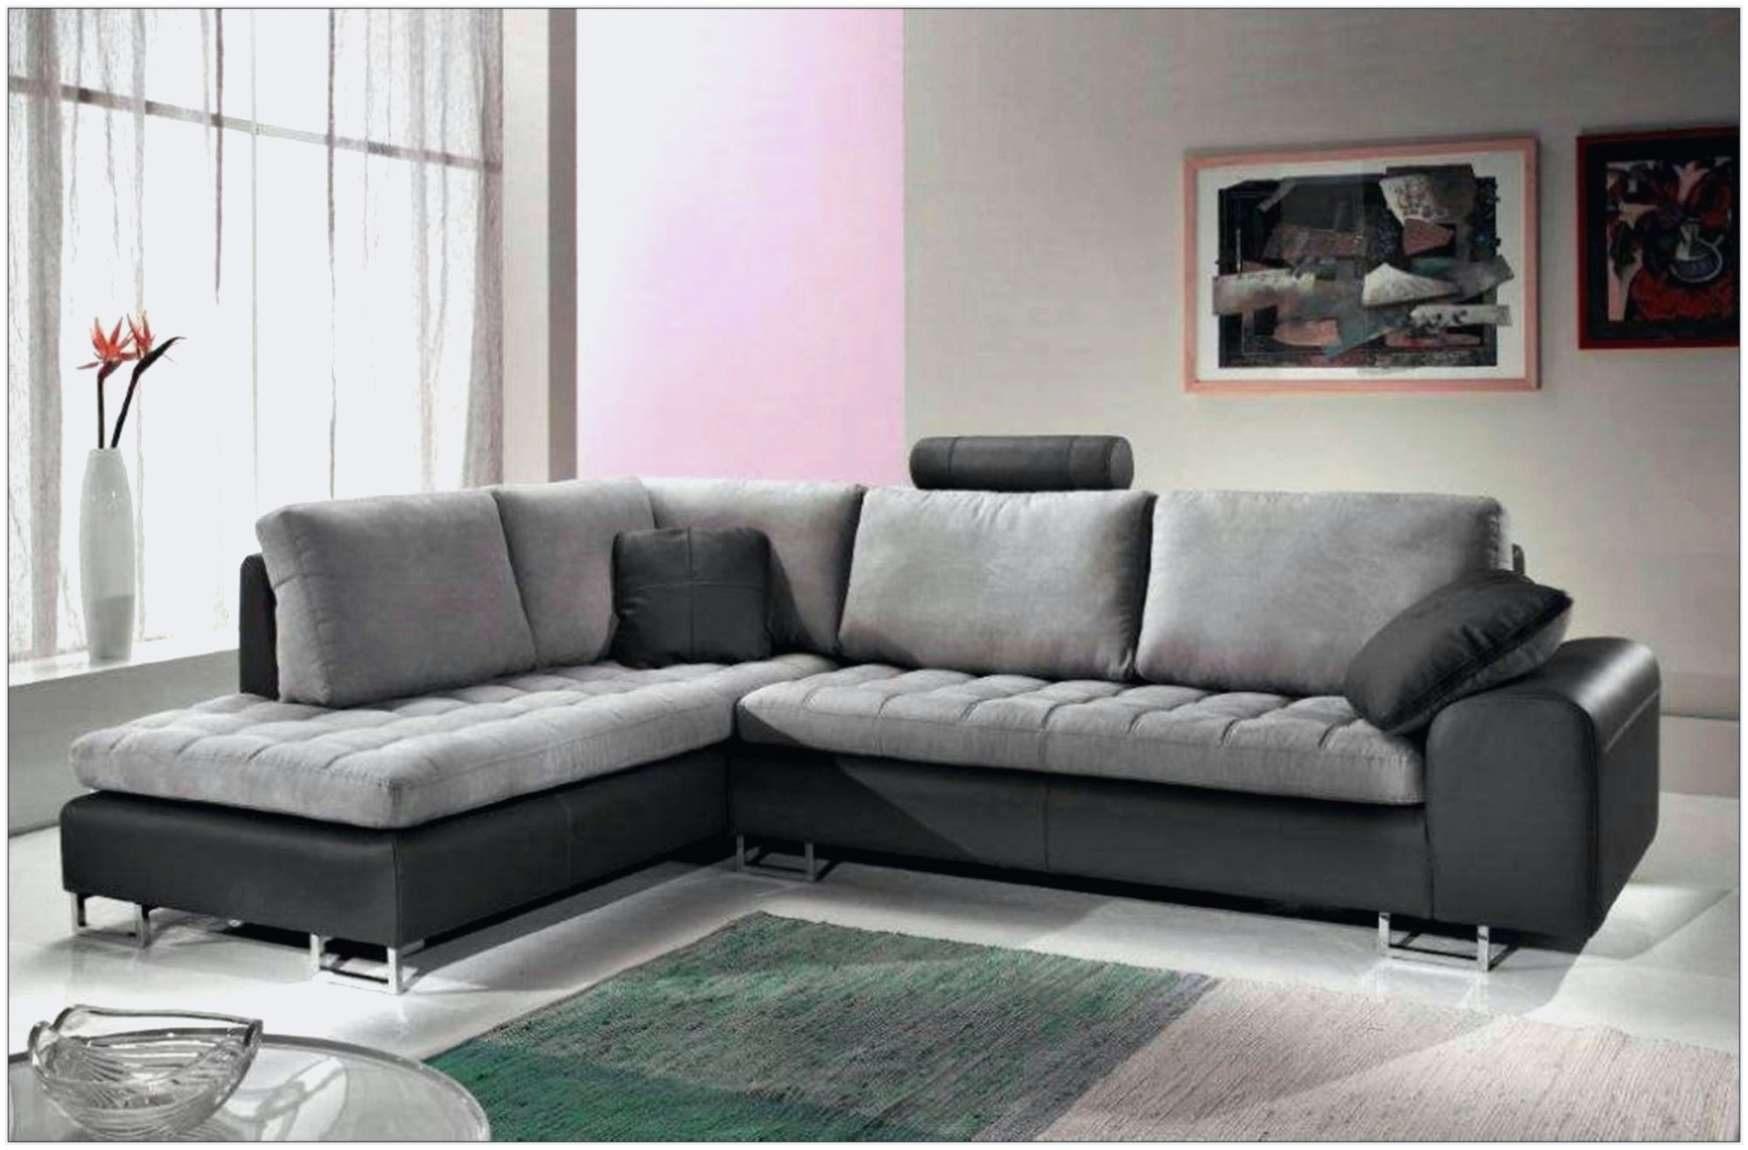 Canapé Lit 2 Places Pas Cher Joli Unique Canapé D Angle — Puredebrideur Pour Choix Canapé Convertible